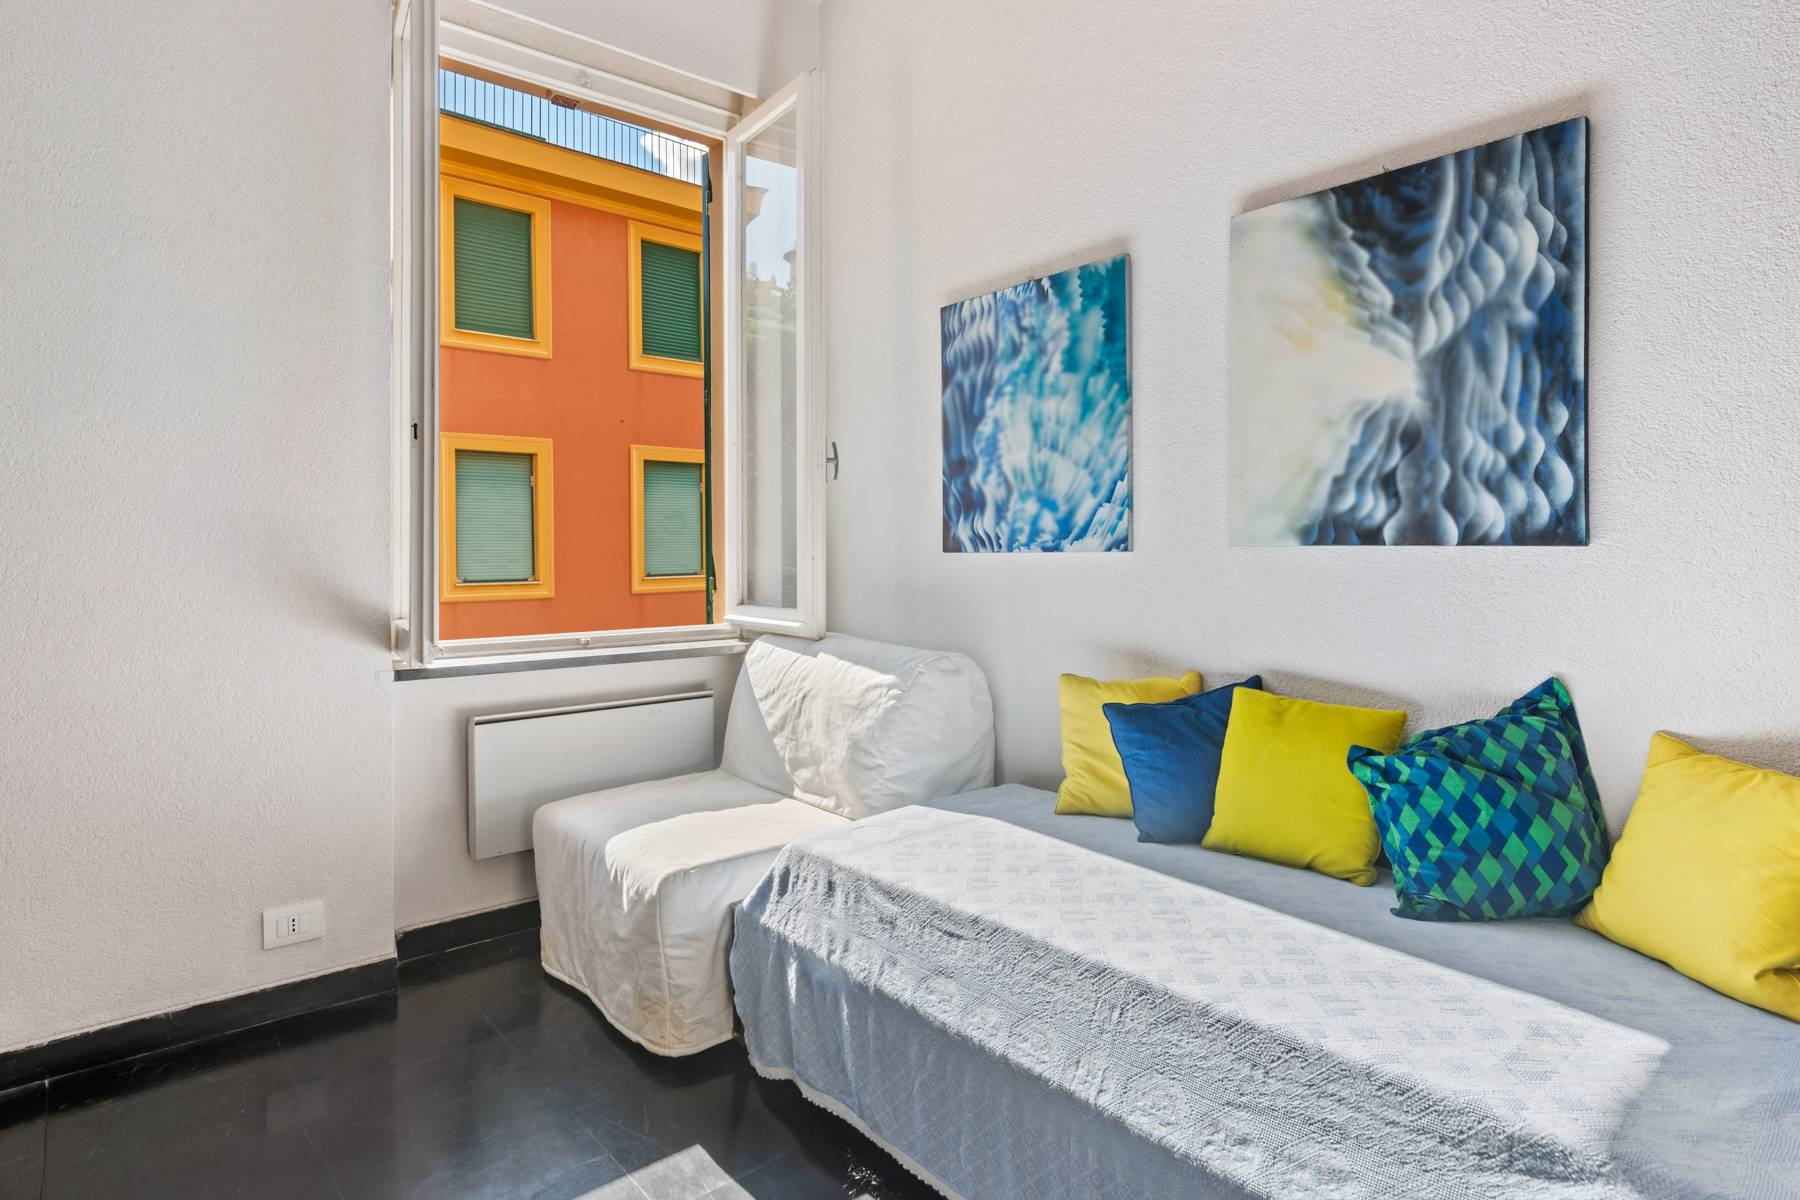 Appartamento in Vendita a Santa Margherita Ligure: 5 locali, 120 mq - Foto 11